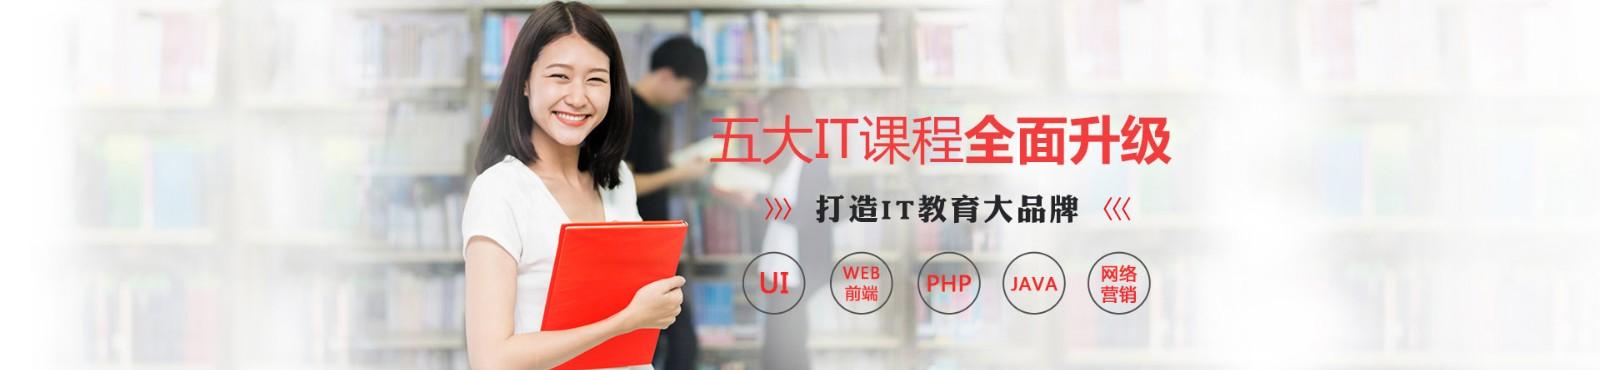 河南黑马IT合乐彩票app机构 横幅广告